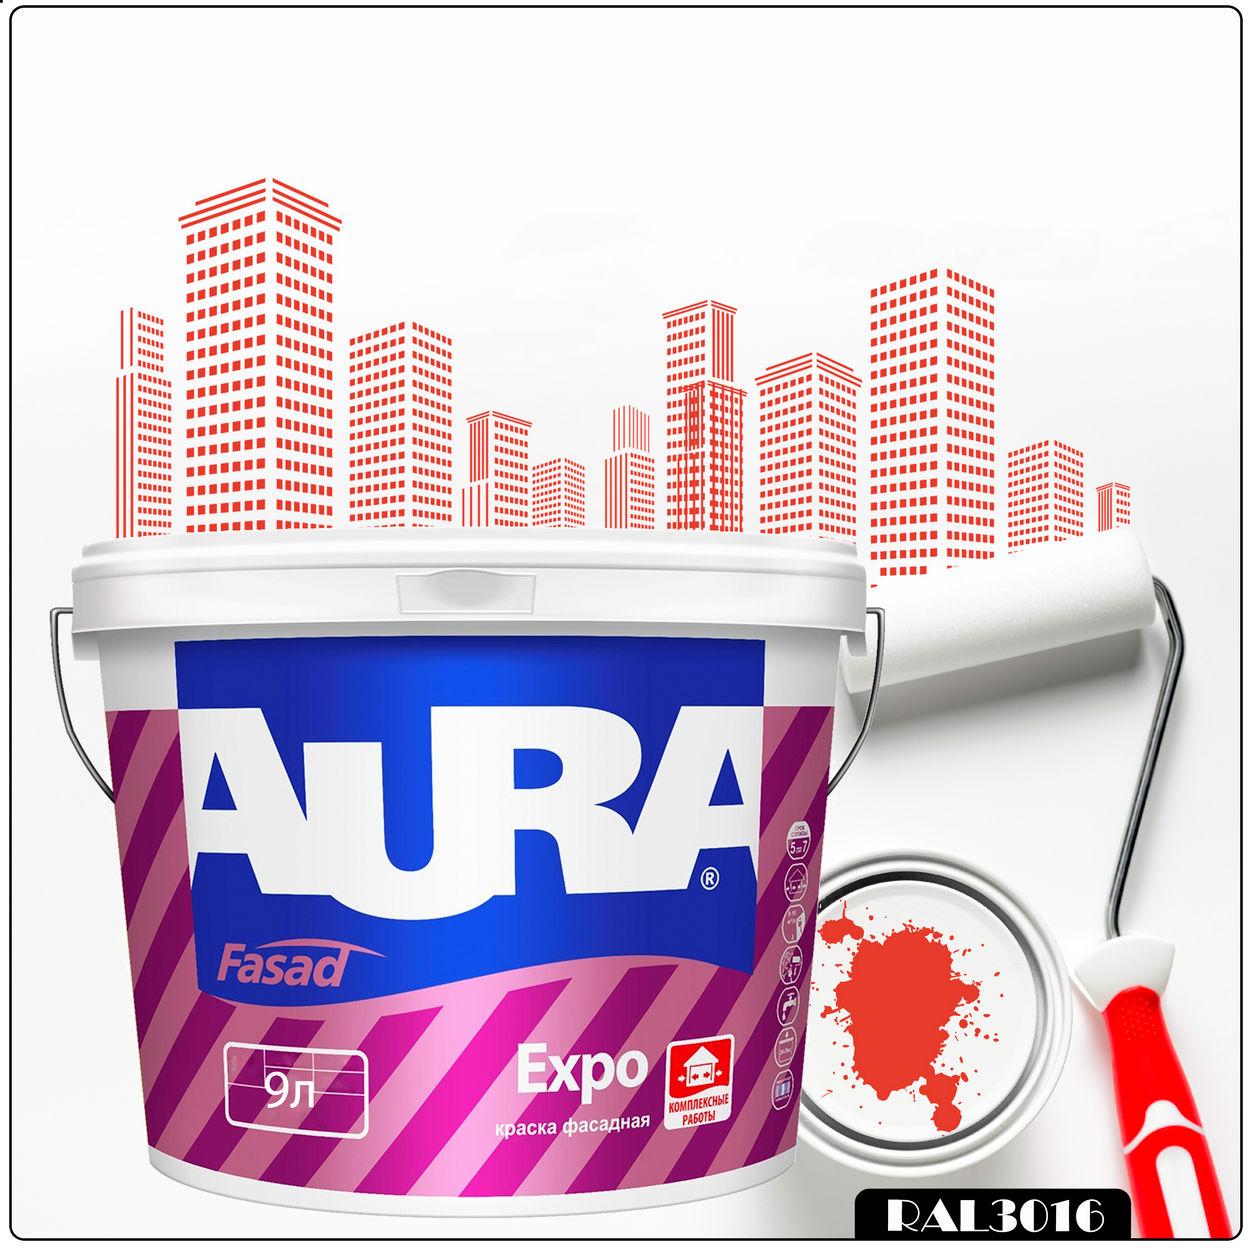 Фото 14 - Краска Aura Fasad Expo, RAL 3016 Кораллово-красный, матовая, для фасадов и помещений с повышенной влажностью, 9л.